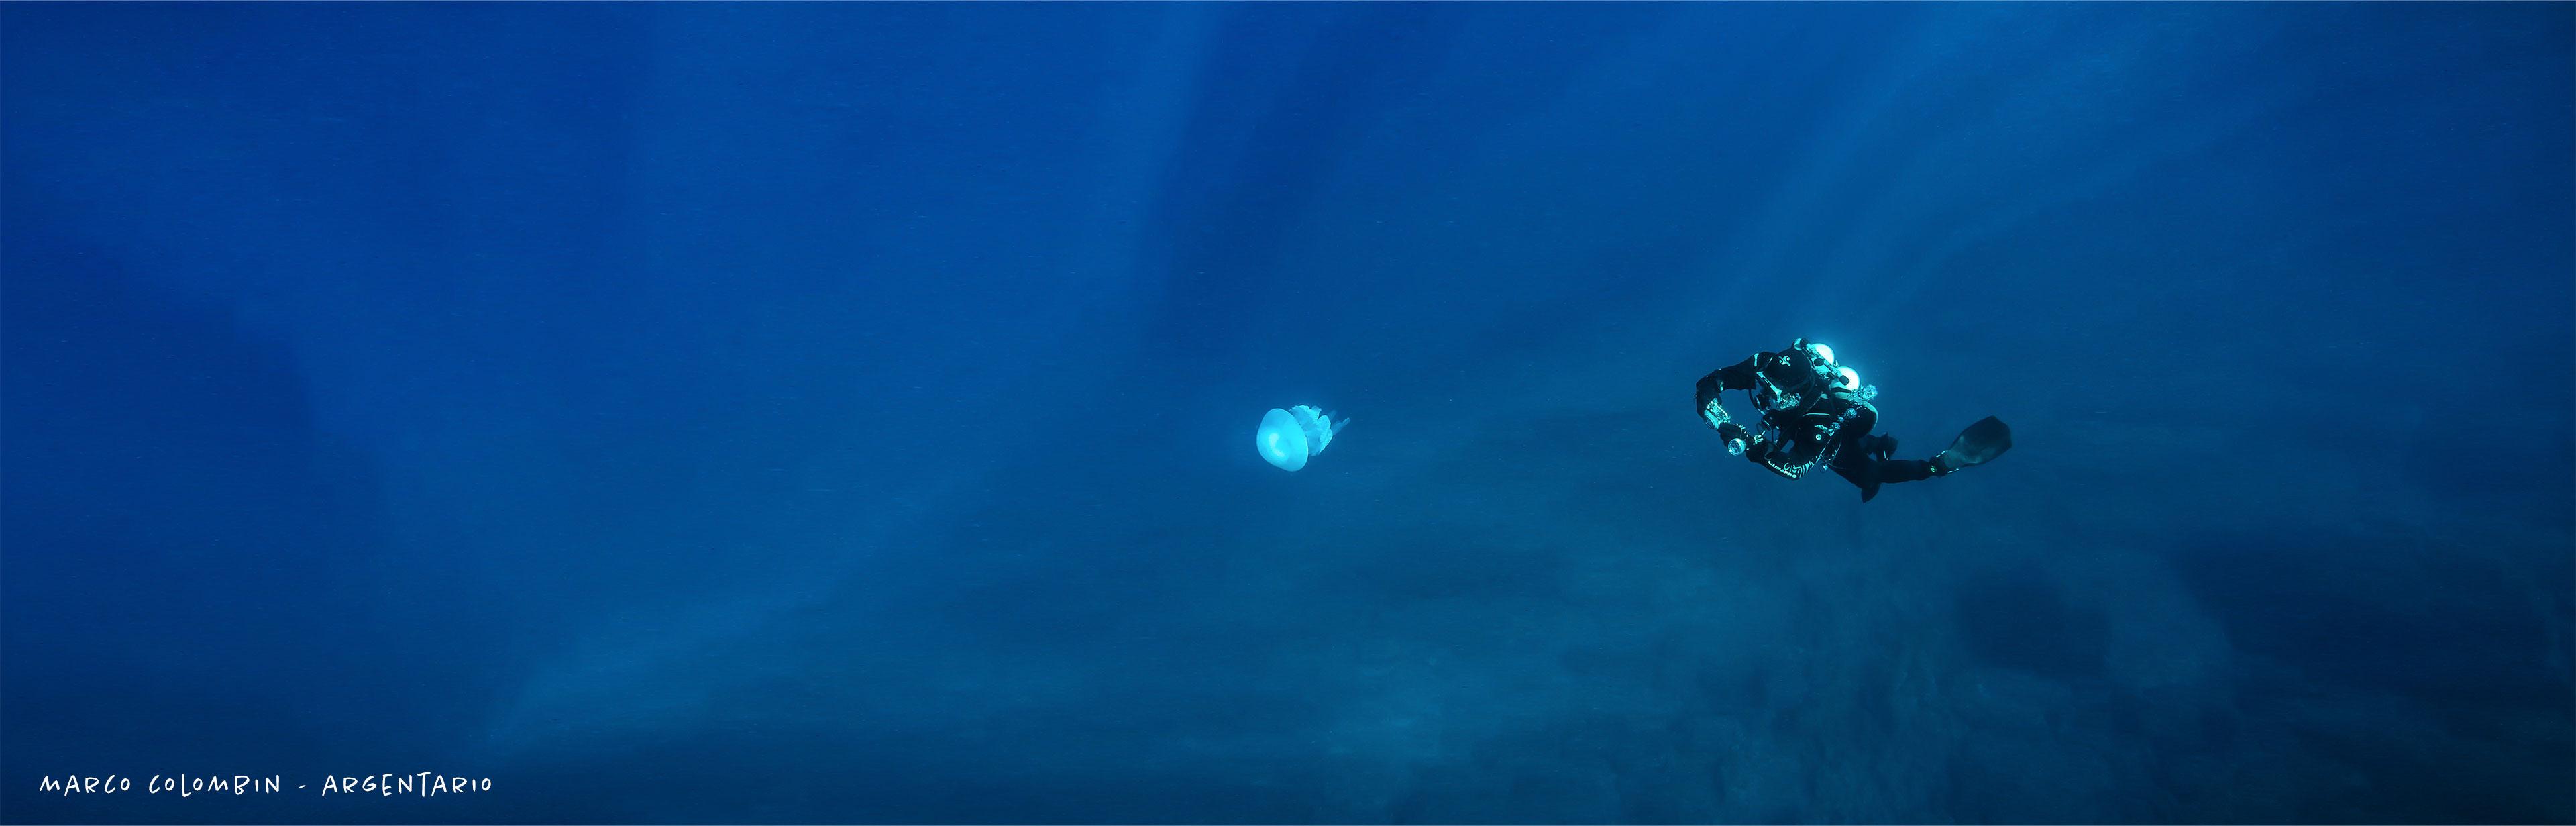 scubadiving, marco colombin, corsi sub, corsi sub Trieste, mare, istruttore sub, Muggia, immersioni